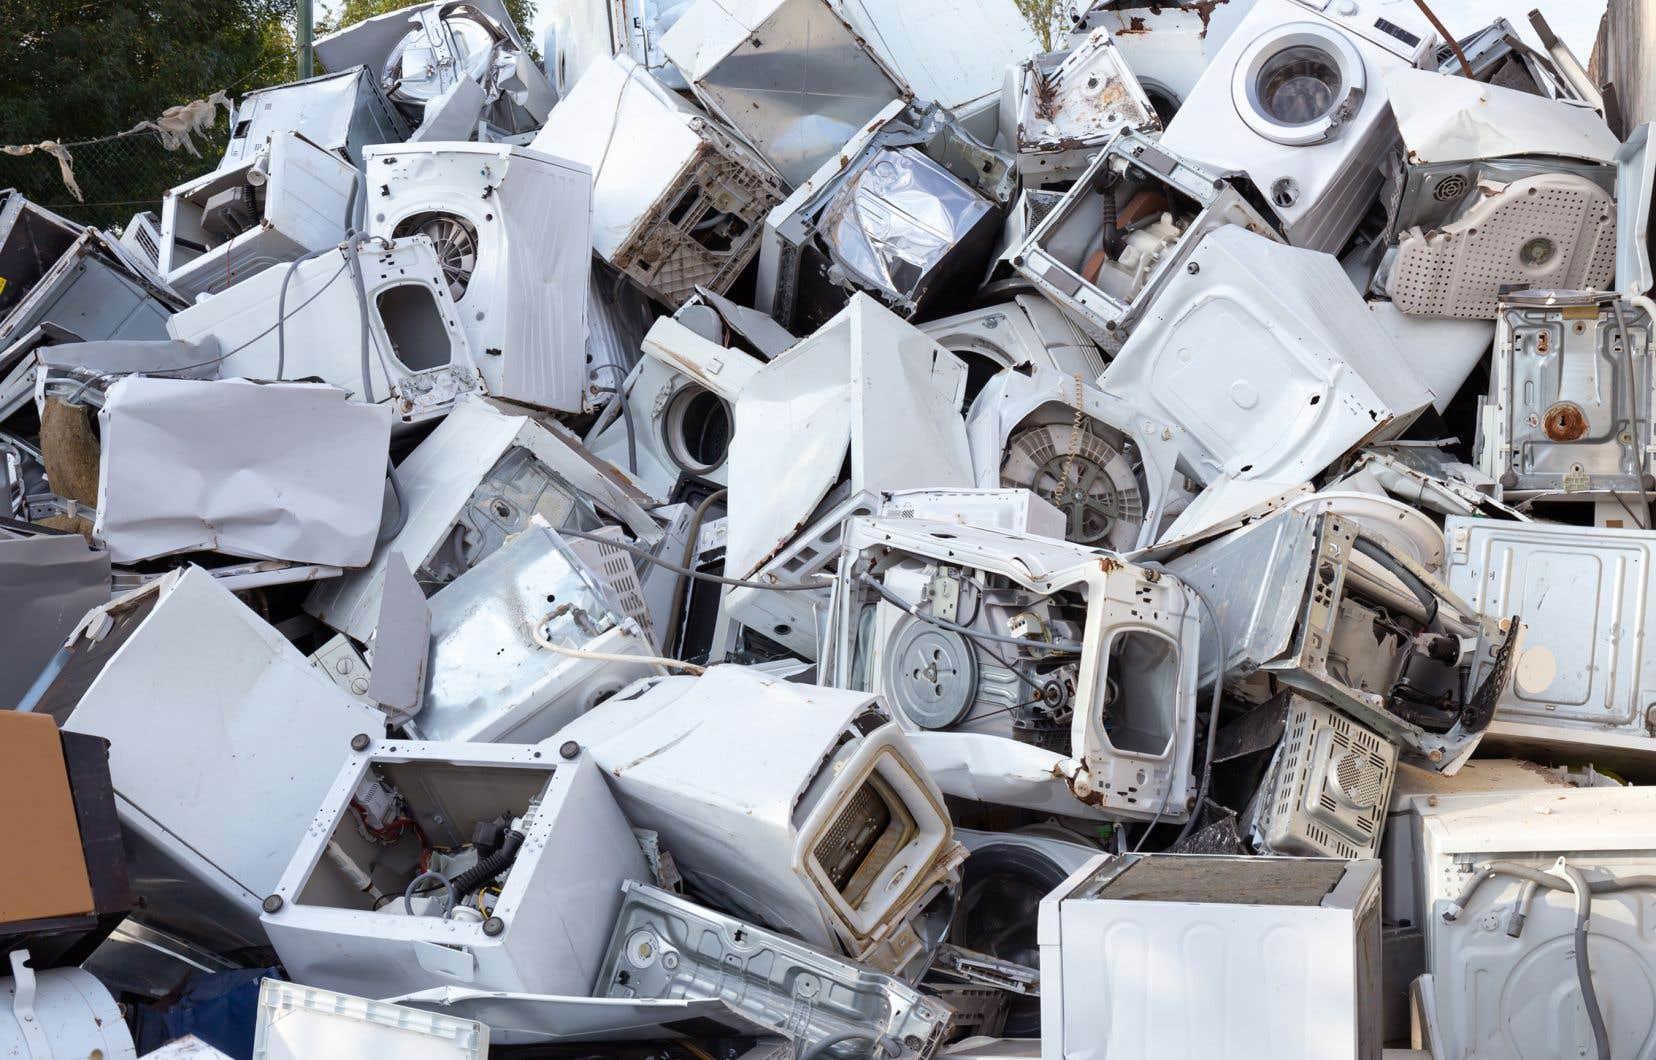 Go Recyc fera affaire avec des sous-traitantsqui auront la responsabilité de démonter les appareils, disposer des métaux, éliminer les substances dangereuses, etc.